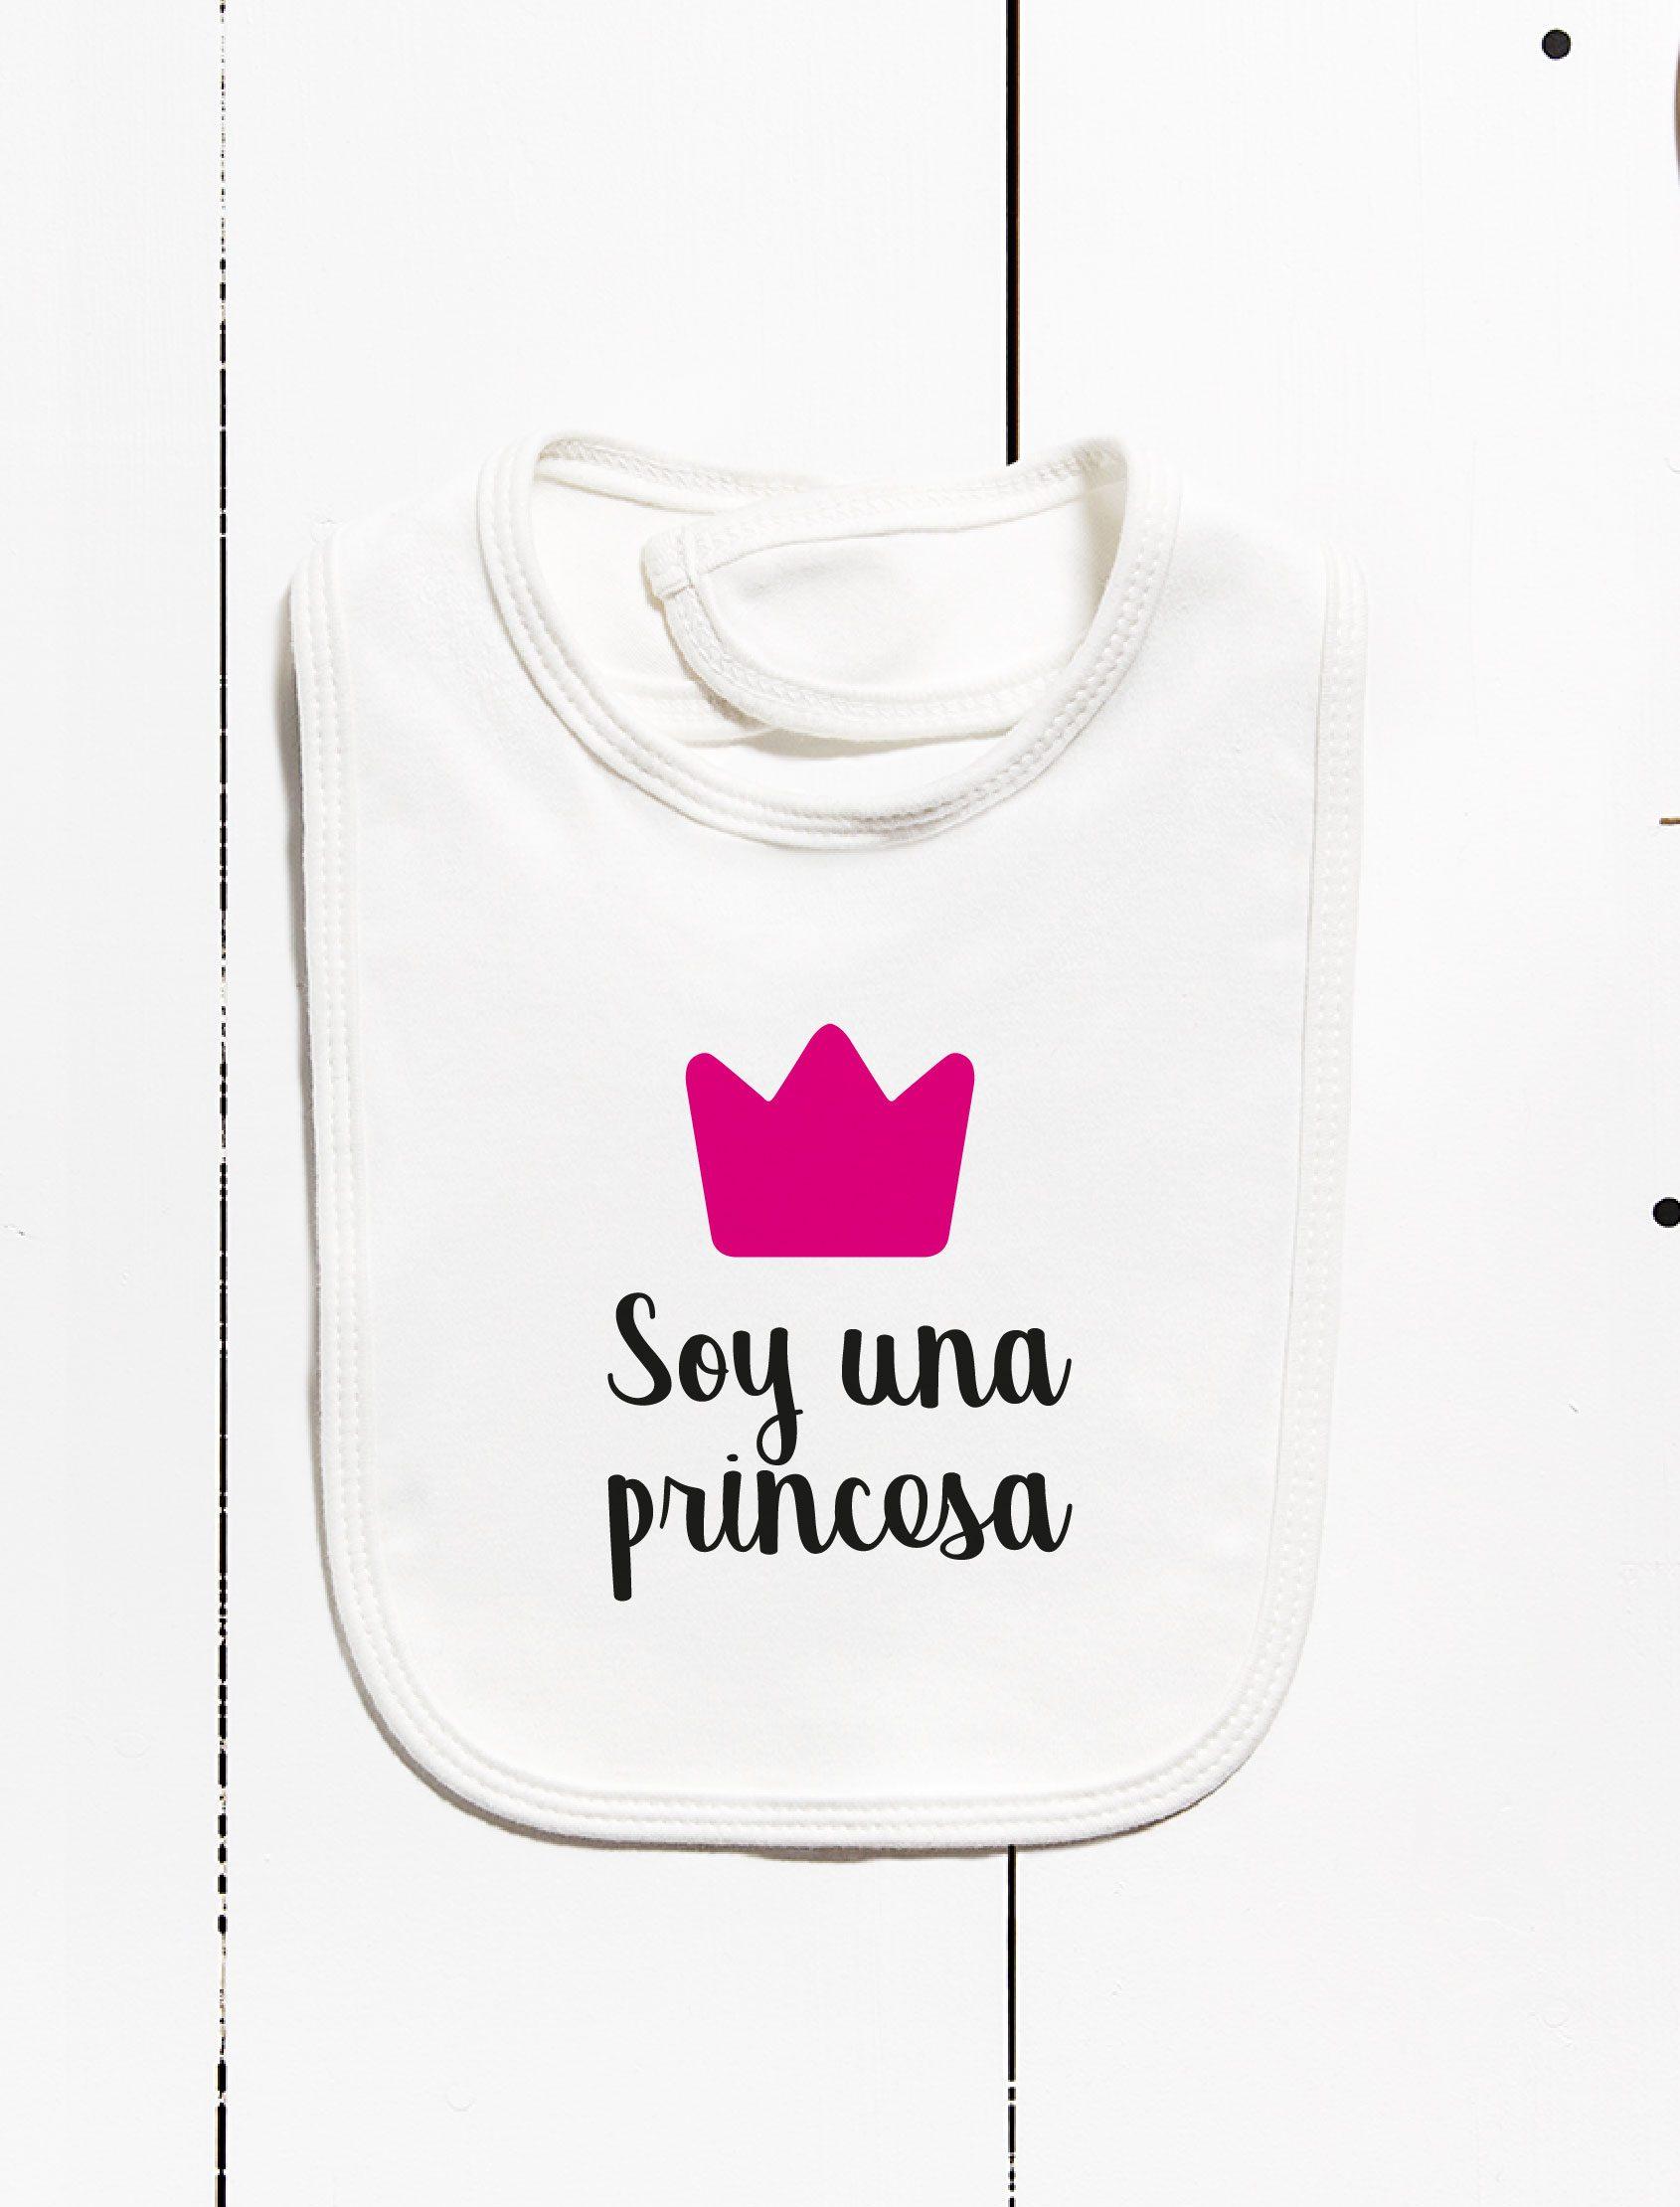 babero de niña en color blanco con mensaje soy una princesa y coronita fucsia